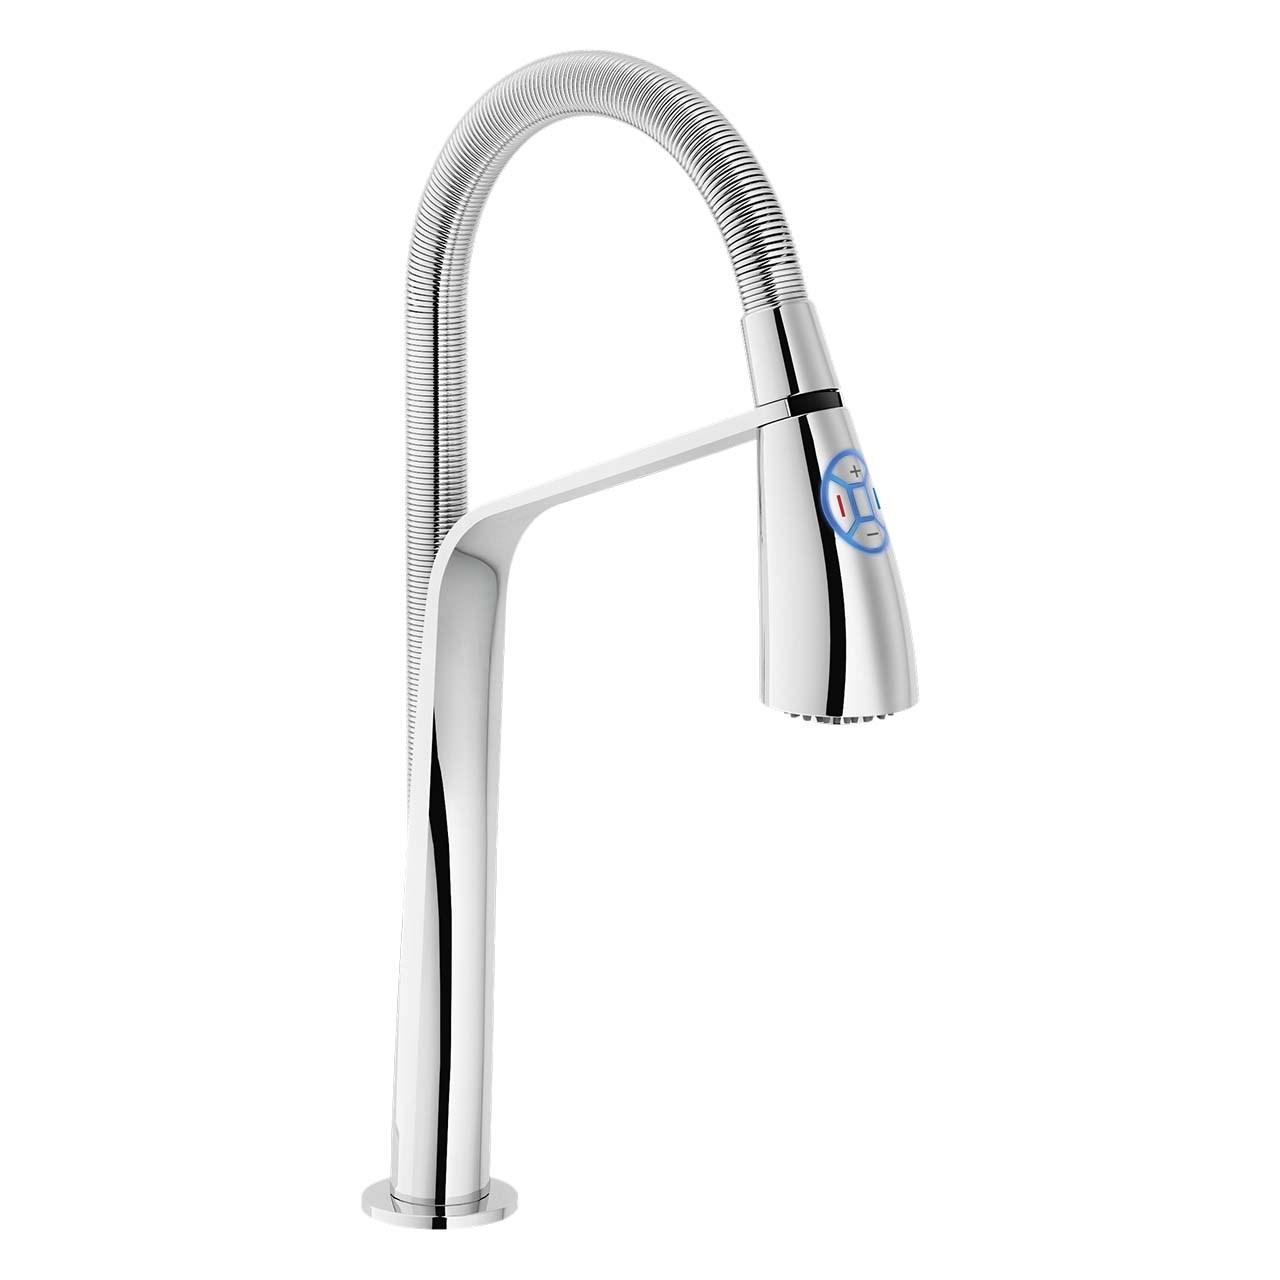 """<span style=""""font-family:tahoma;"""">شیر آشپزخانه نوبیلی مدل KIZOKU NOBILI KIZOKU Kitchen Faucets</span>"""